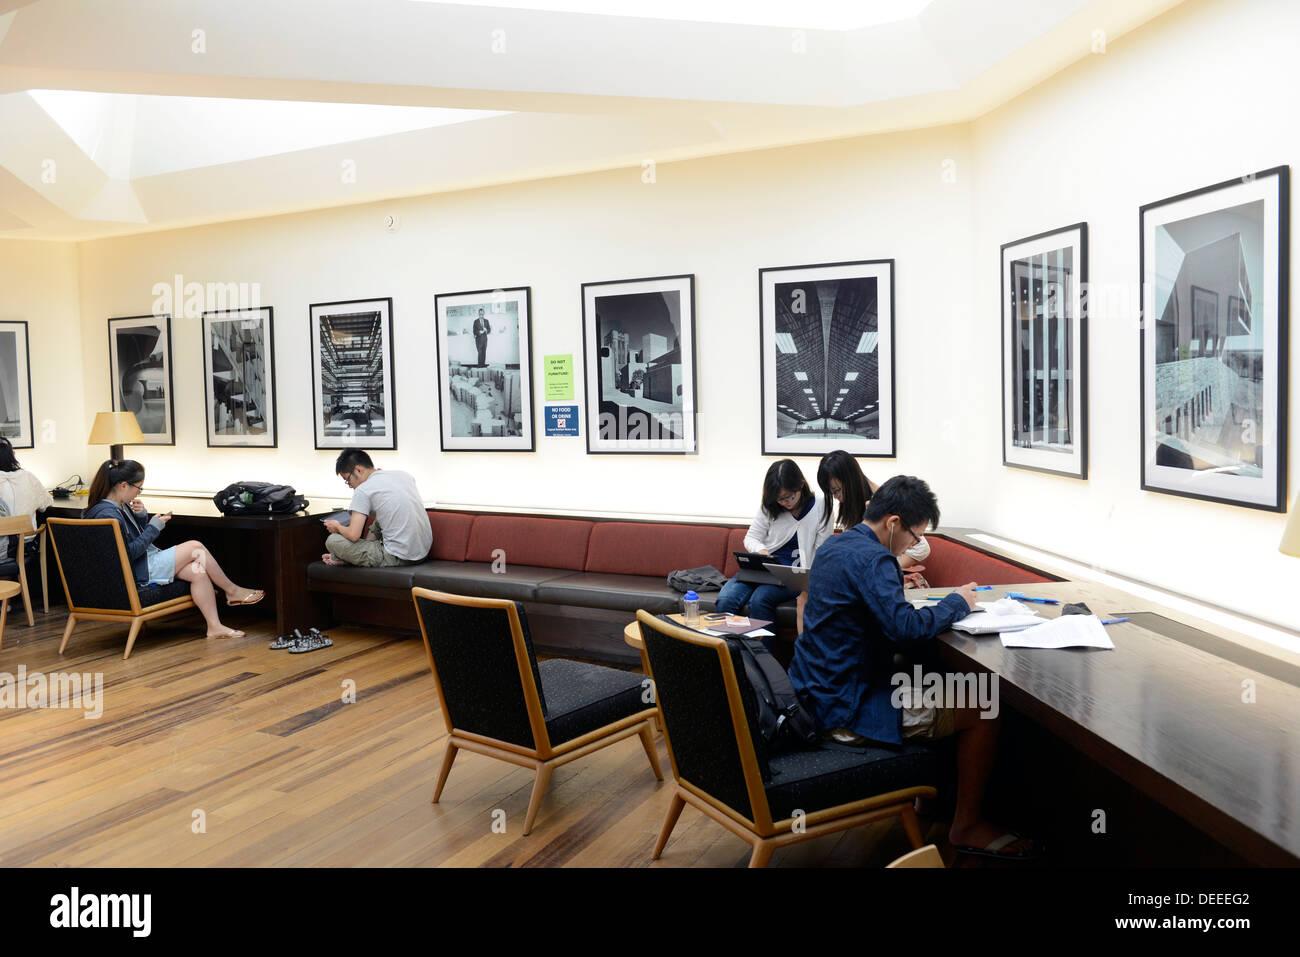 Les étudiants chinois qui étudient à l'École d'été dans l'étude de Yale Eero Saarinen collège résidentiel Morse conçu, construit en 1961. Photo Stock